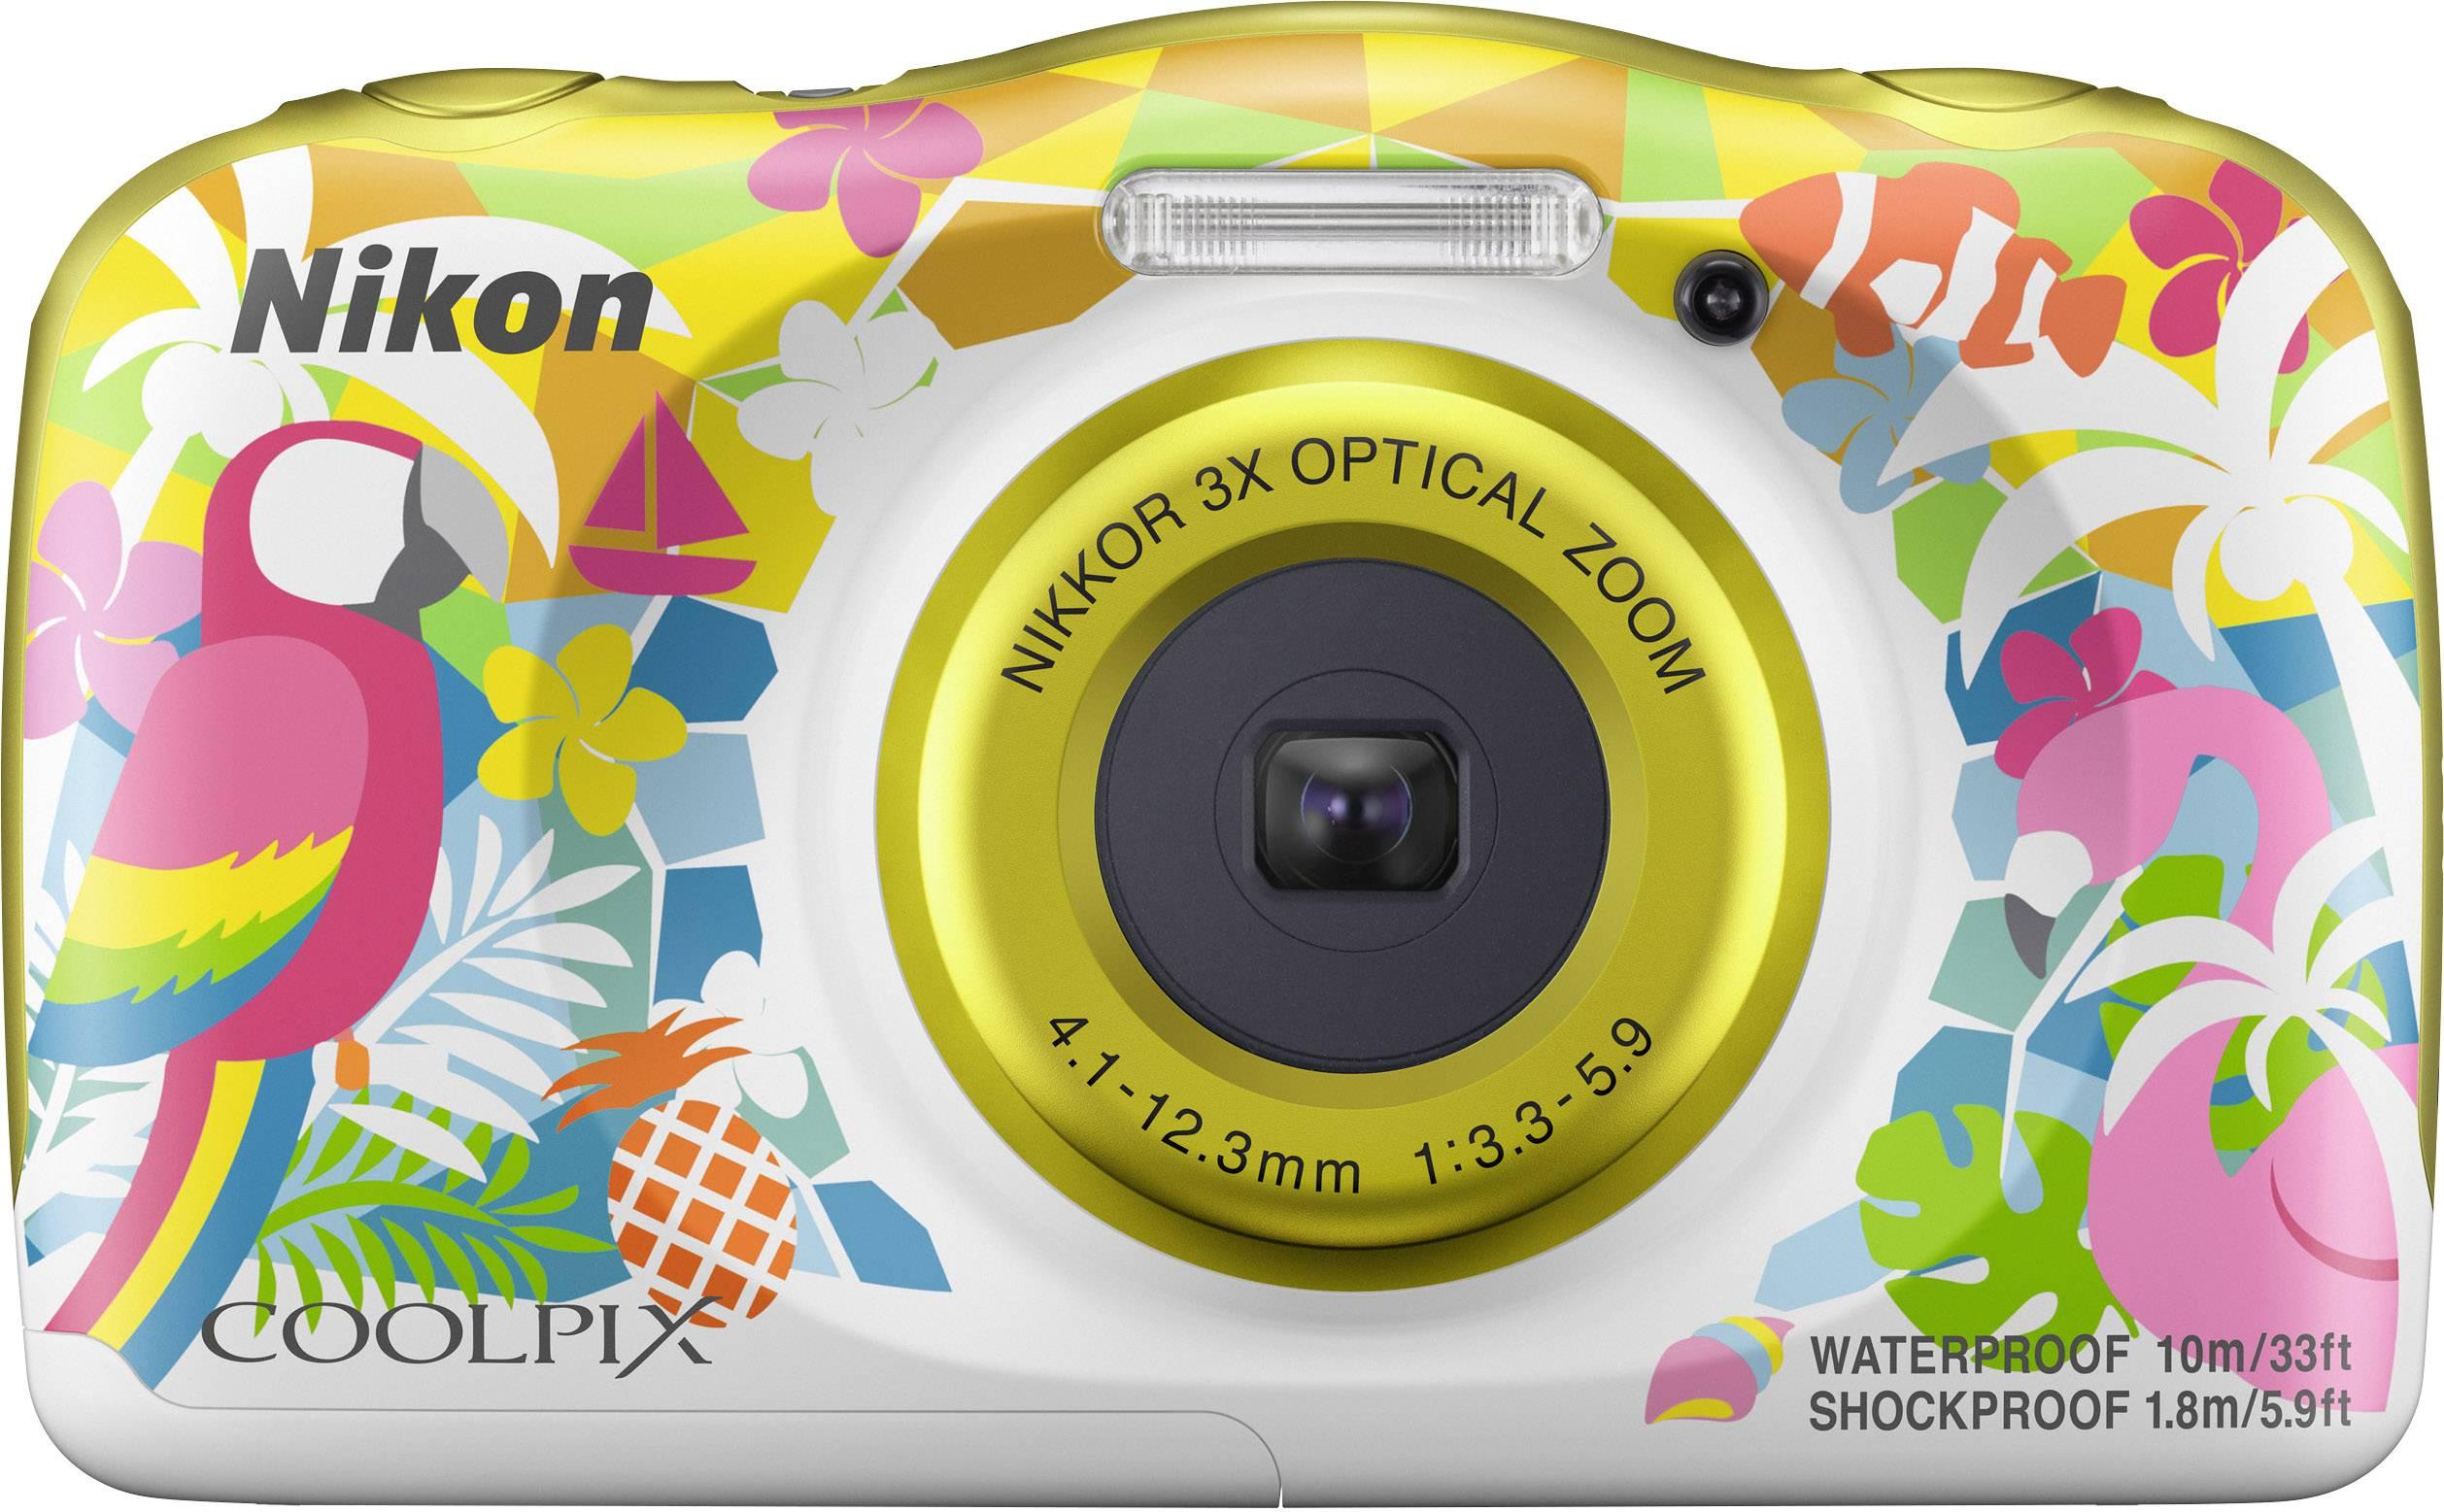 Nikon W150 Hawaii Fotocamera digitale 13.2 MPixel Zoom ottico: 3 x Colorato, Bianco Impermeabile, A prova di polvere,